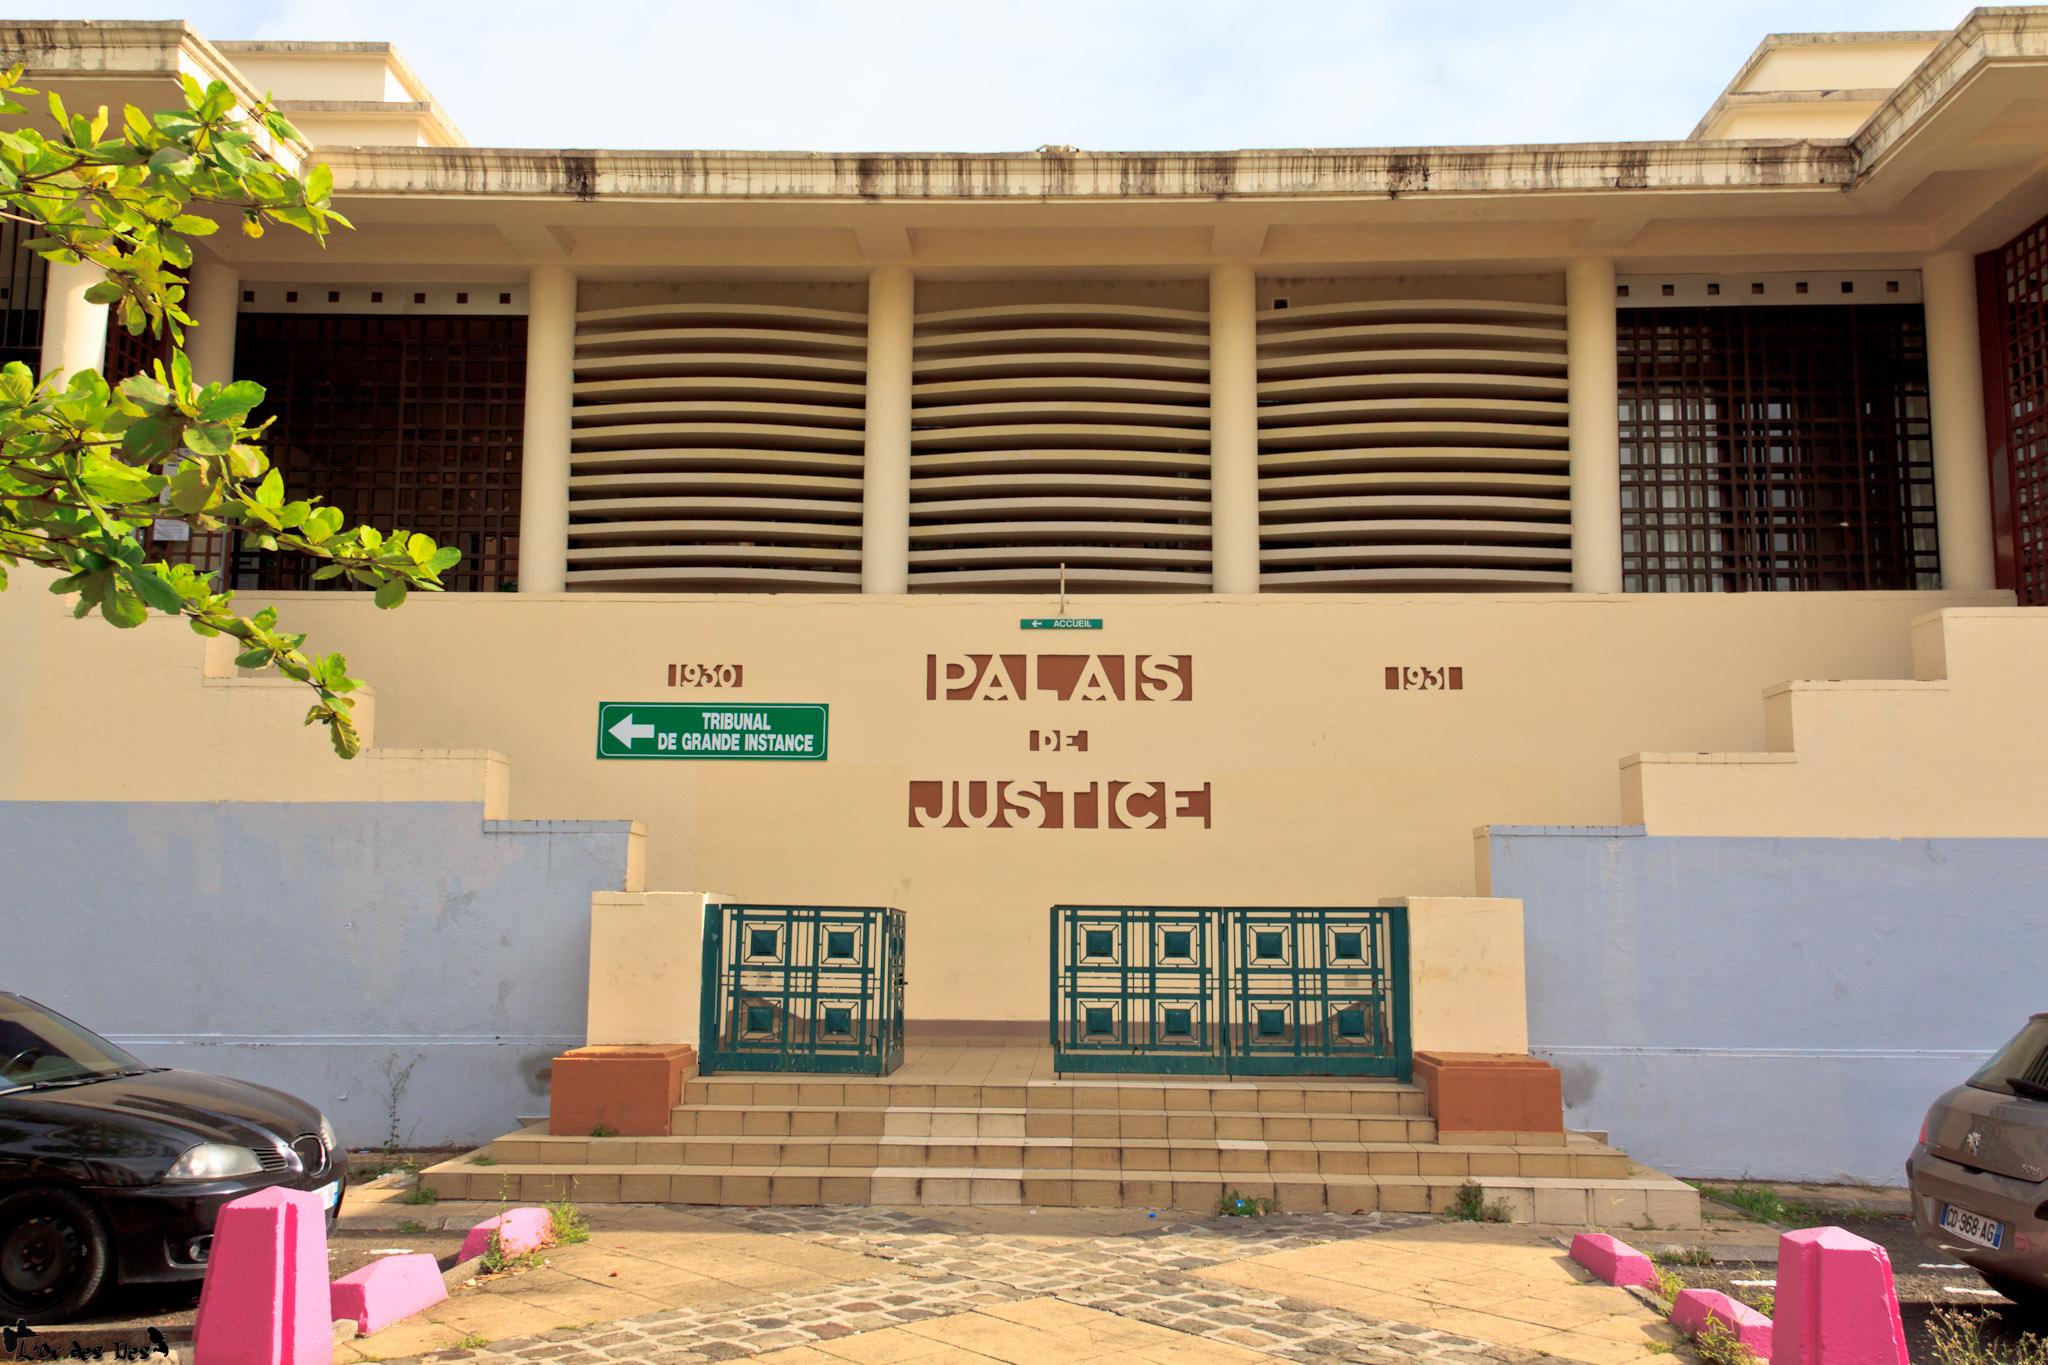 Palais de justice l 39 or des les - Table de capitalisation gazette du palais 2013 ...